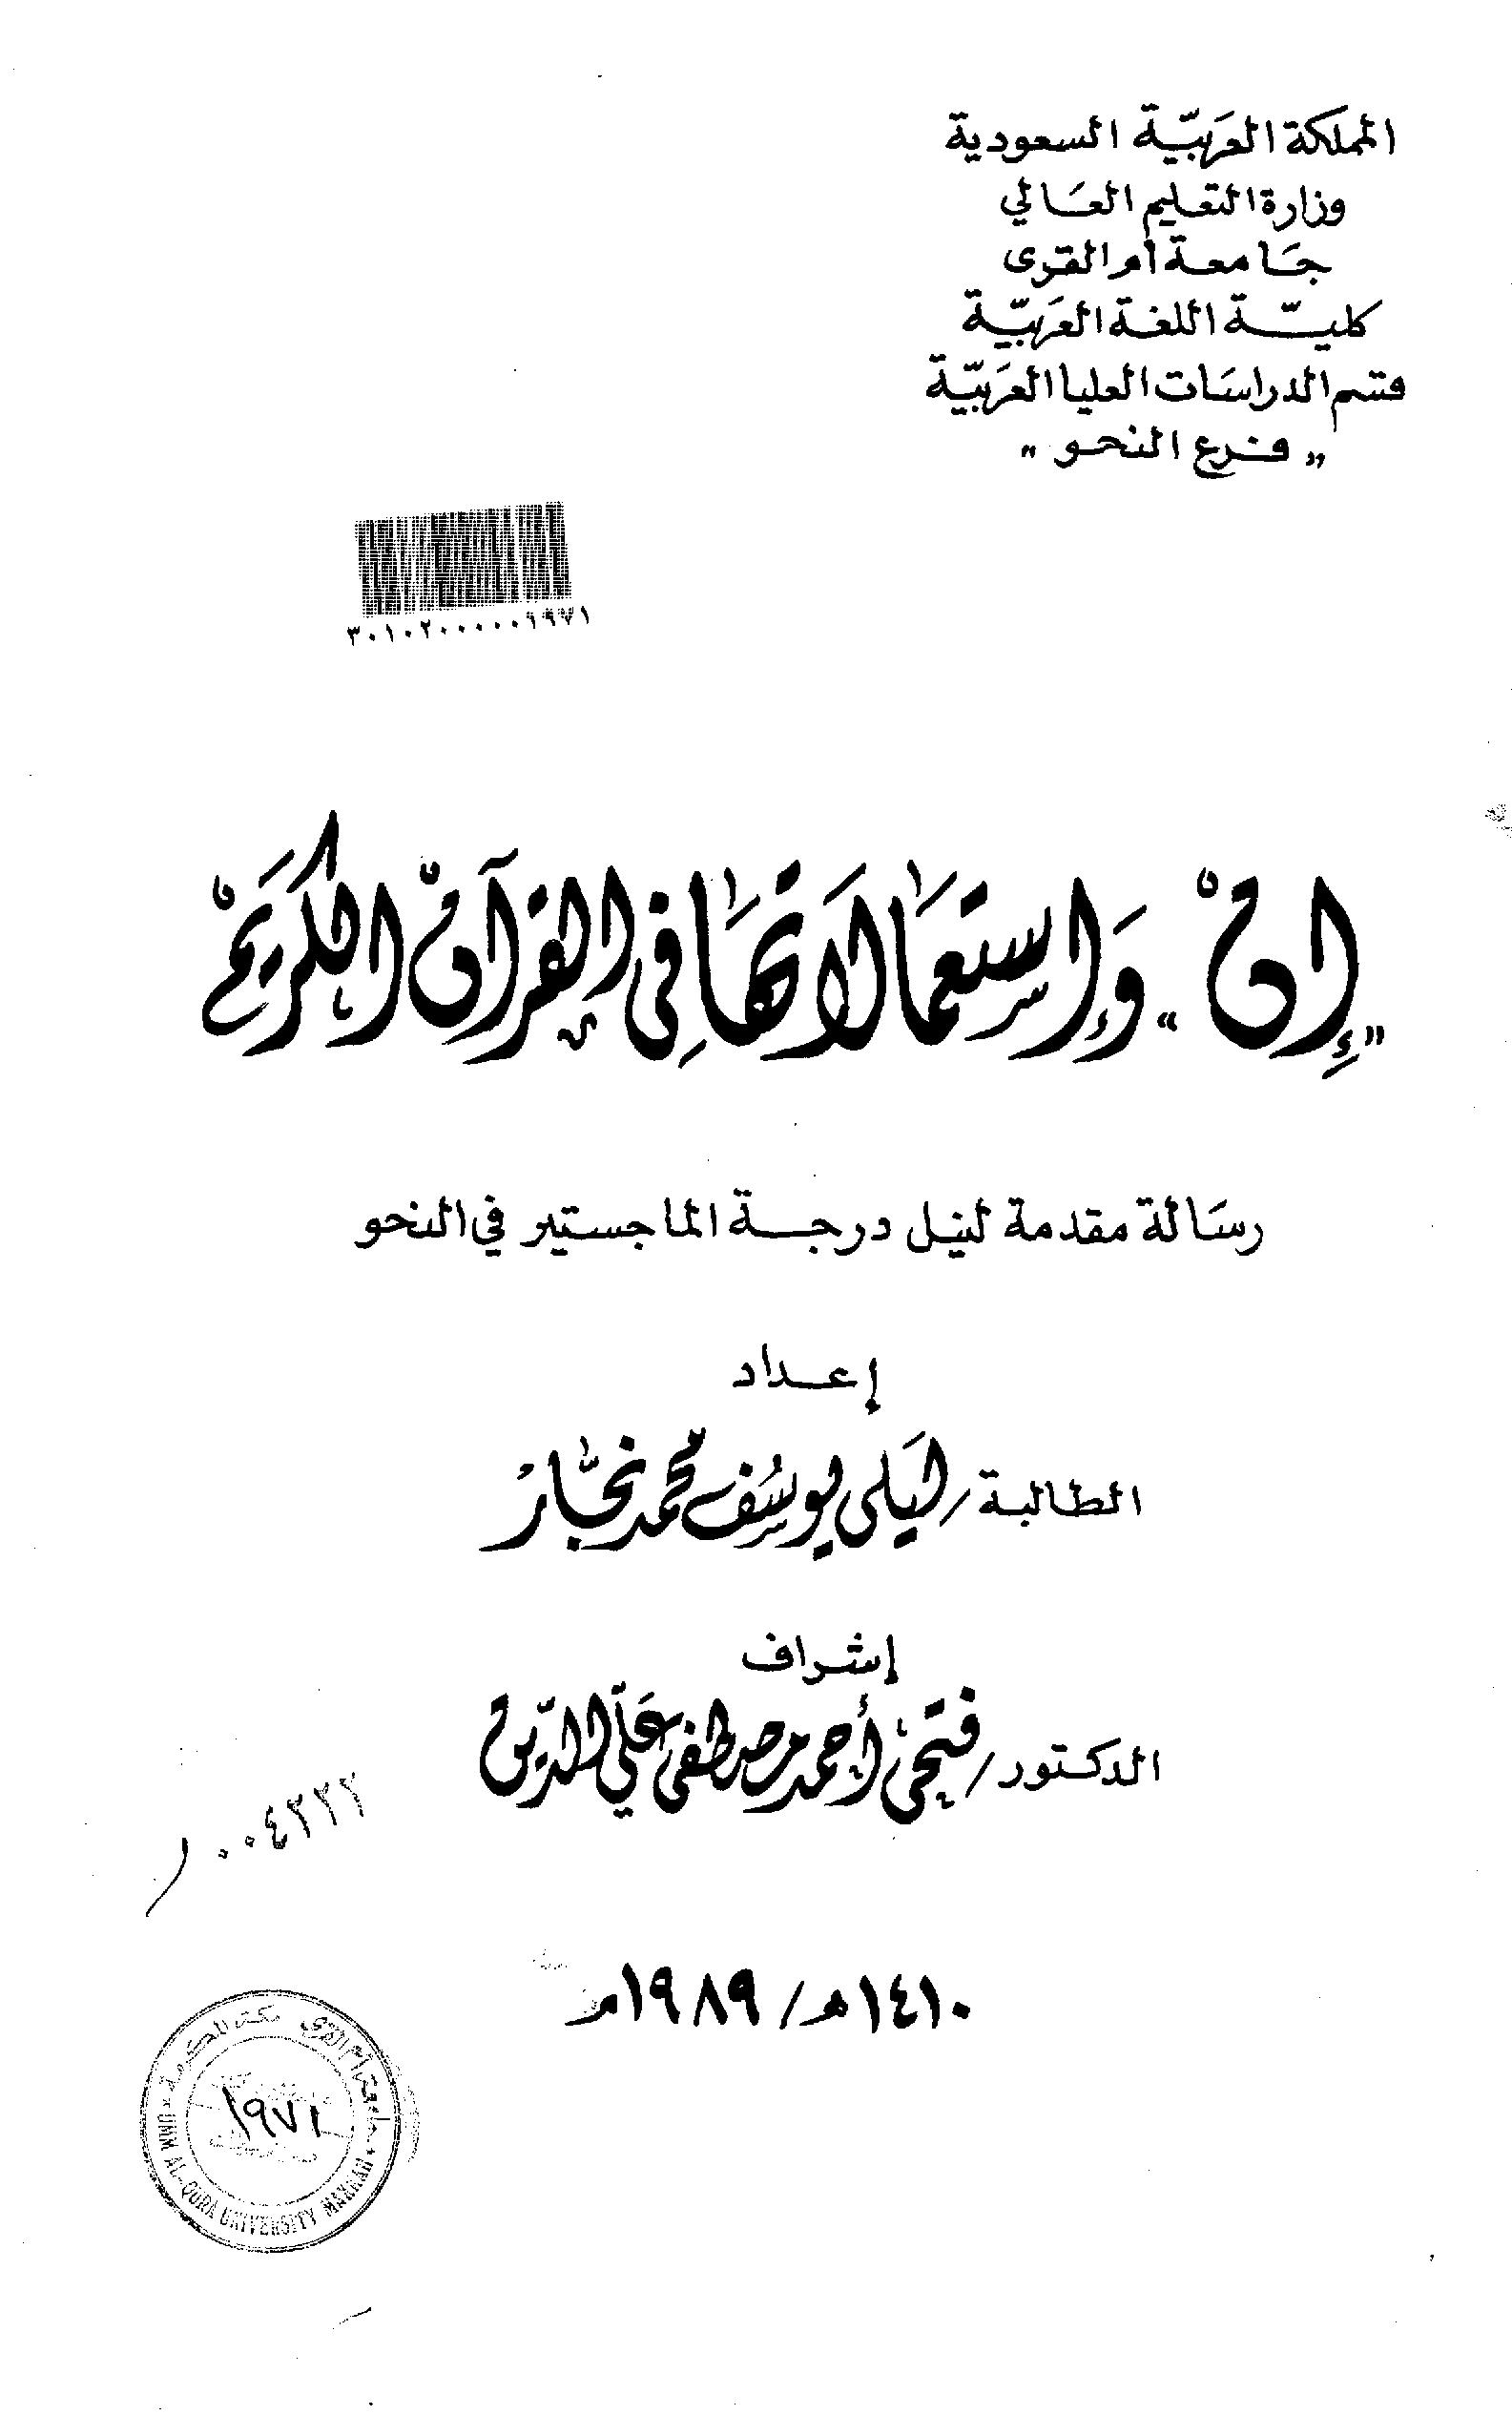 تحميل كتاب (إن) واستعمالاتها في القرآن الكريم لـِ: ليلى يوسف محمد نجار